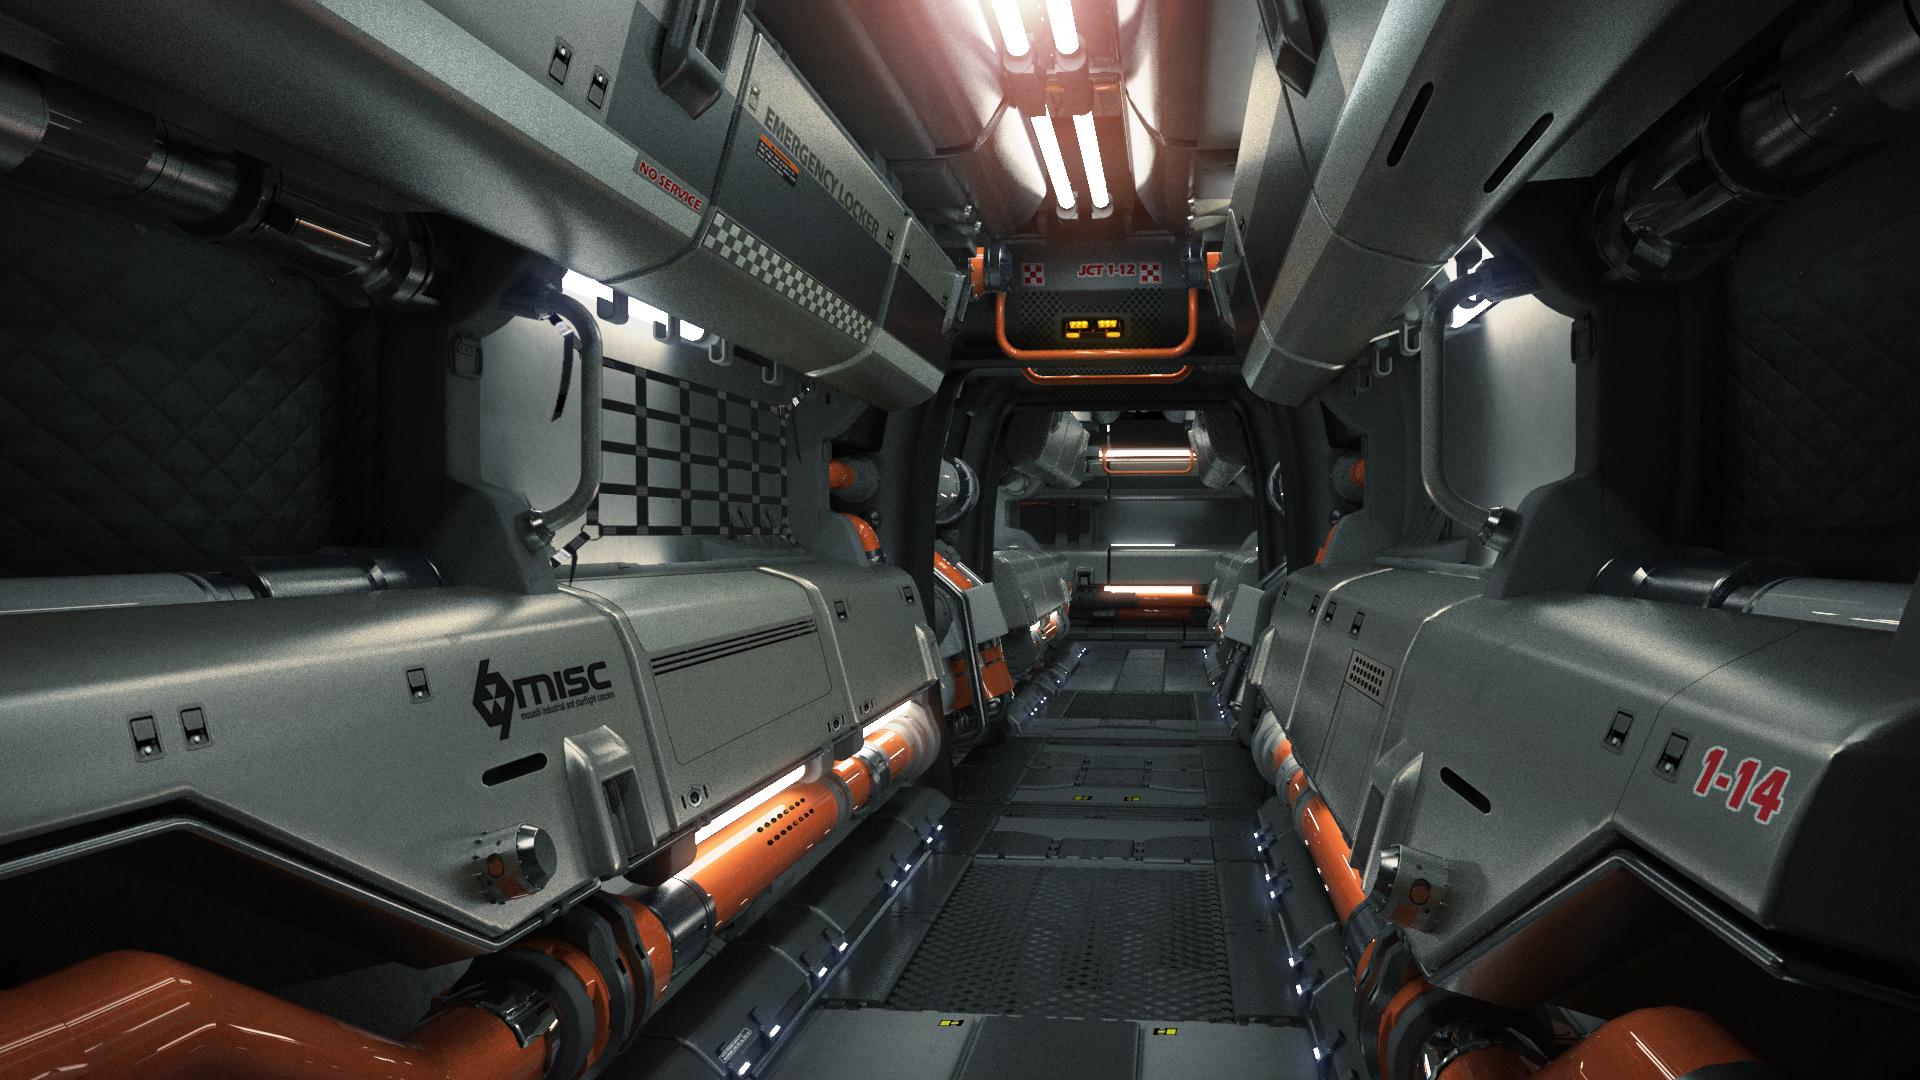 Starfarer_Corridor_Perspective_v014.jpg